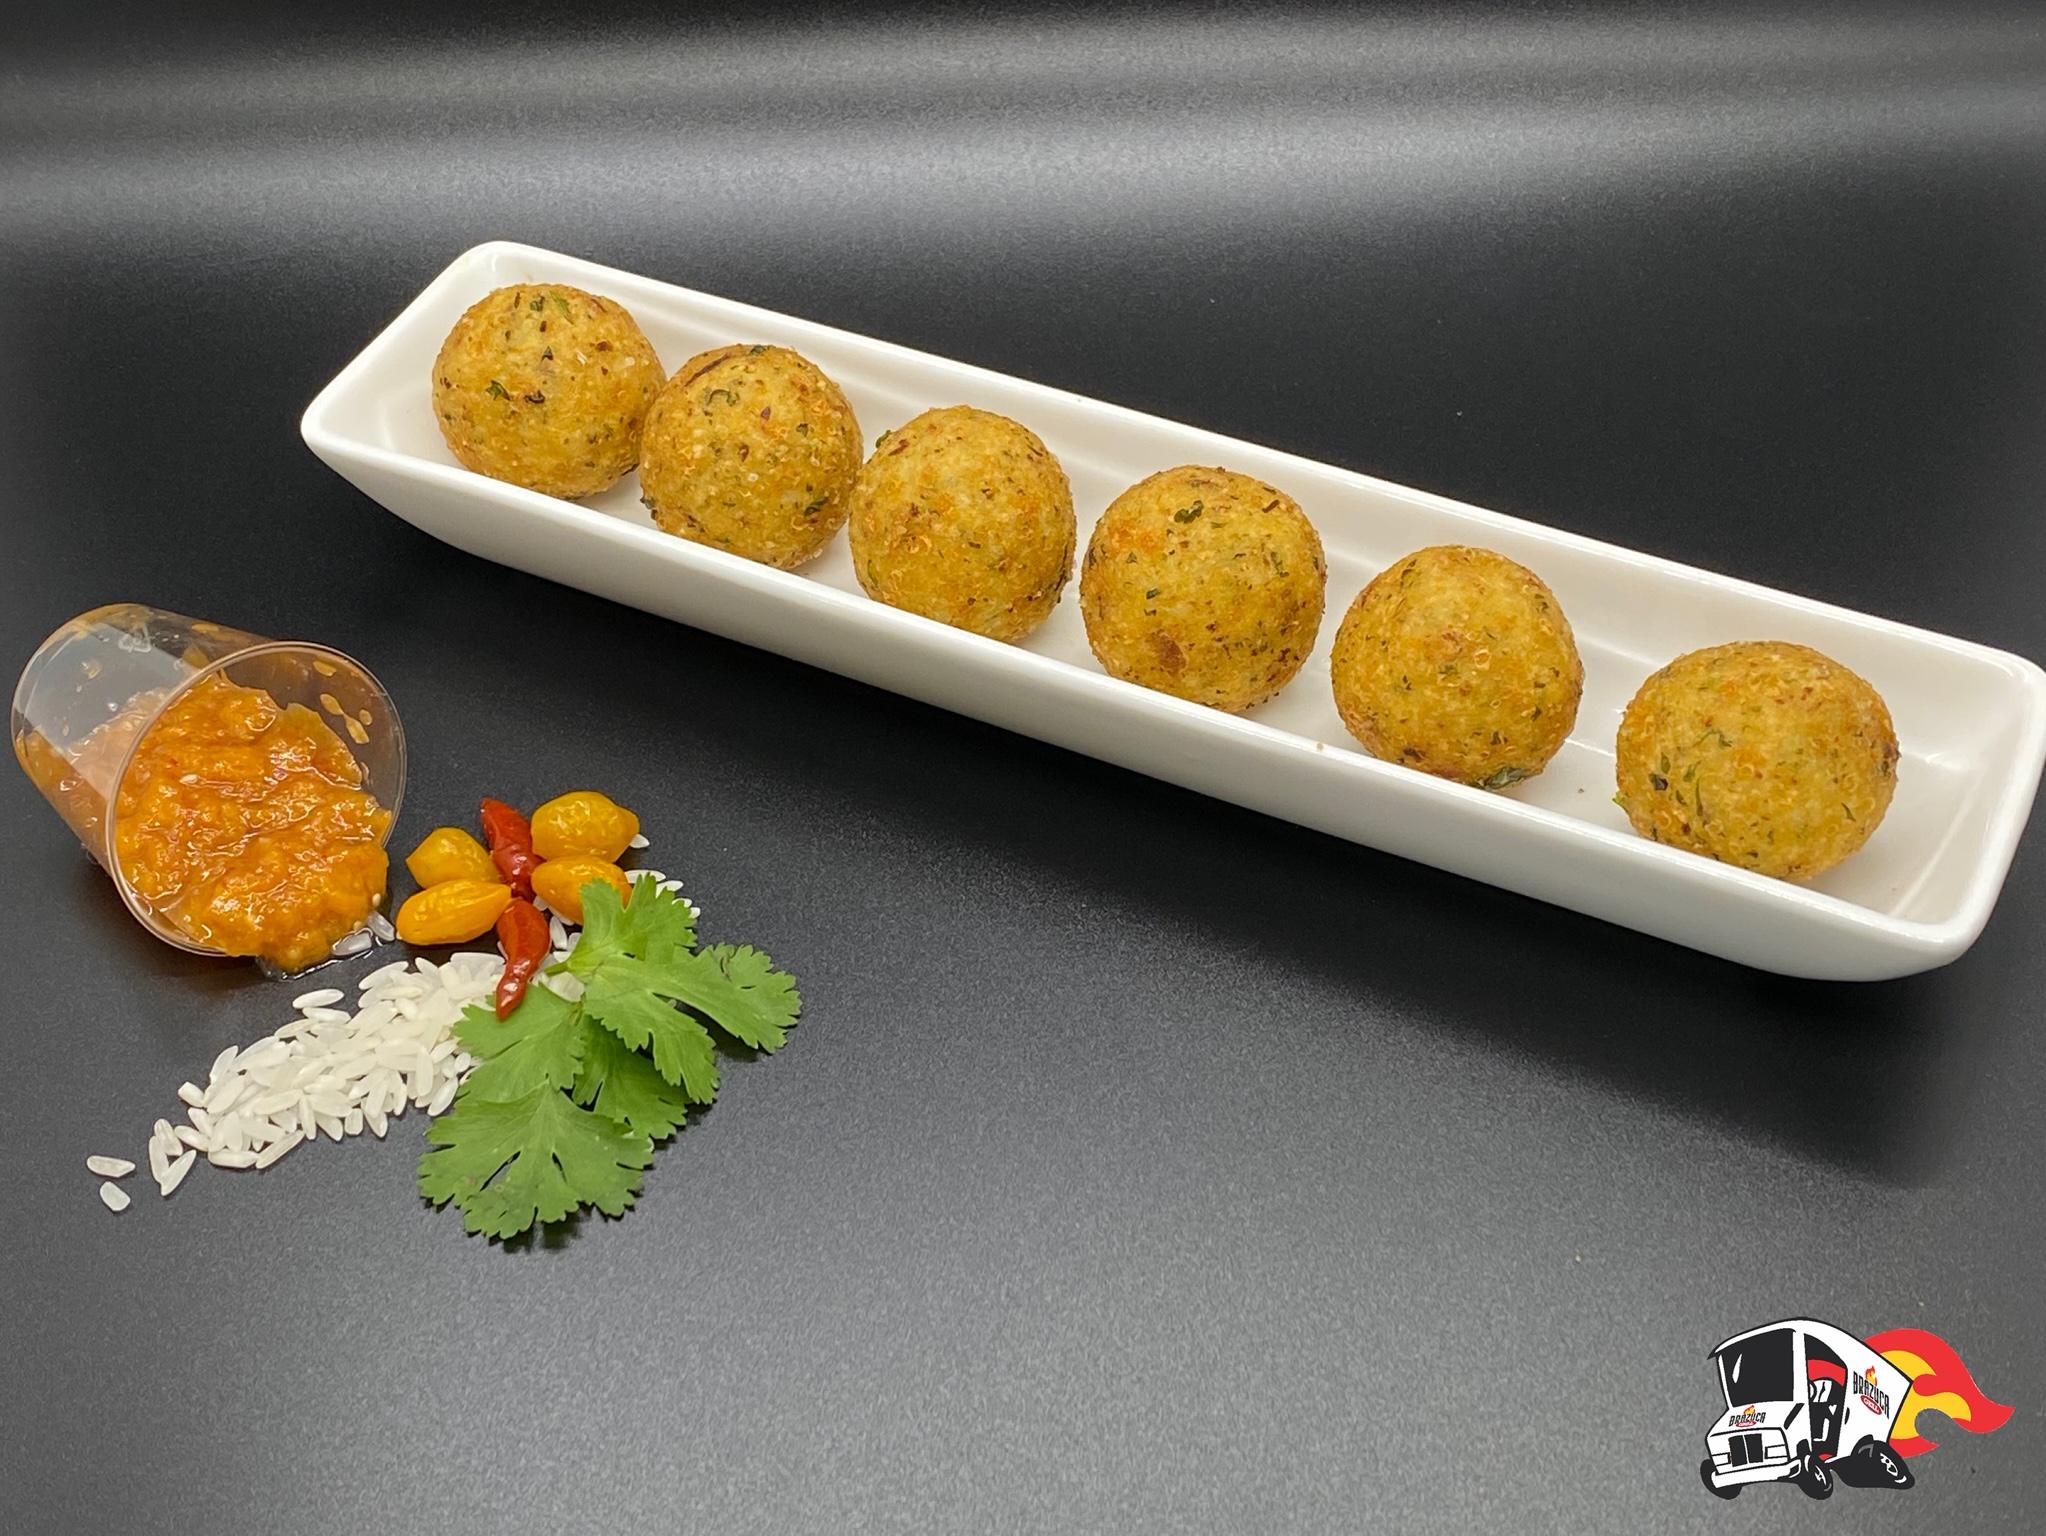 Brazuca's Parmesan Rice Bites